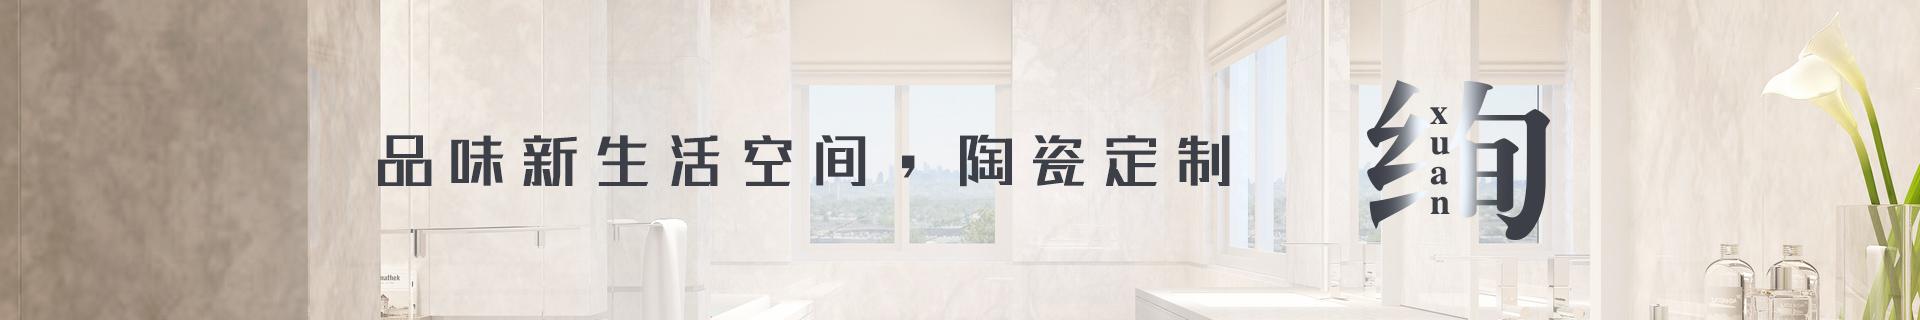 万博网页版登陆页面荣耀万博manbetx全站下载